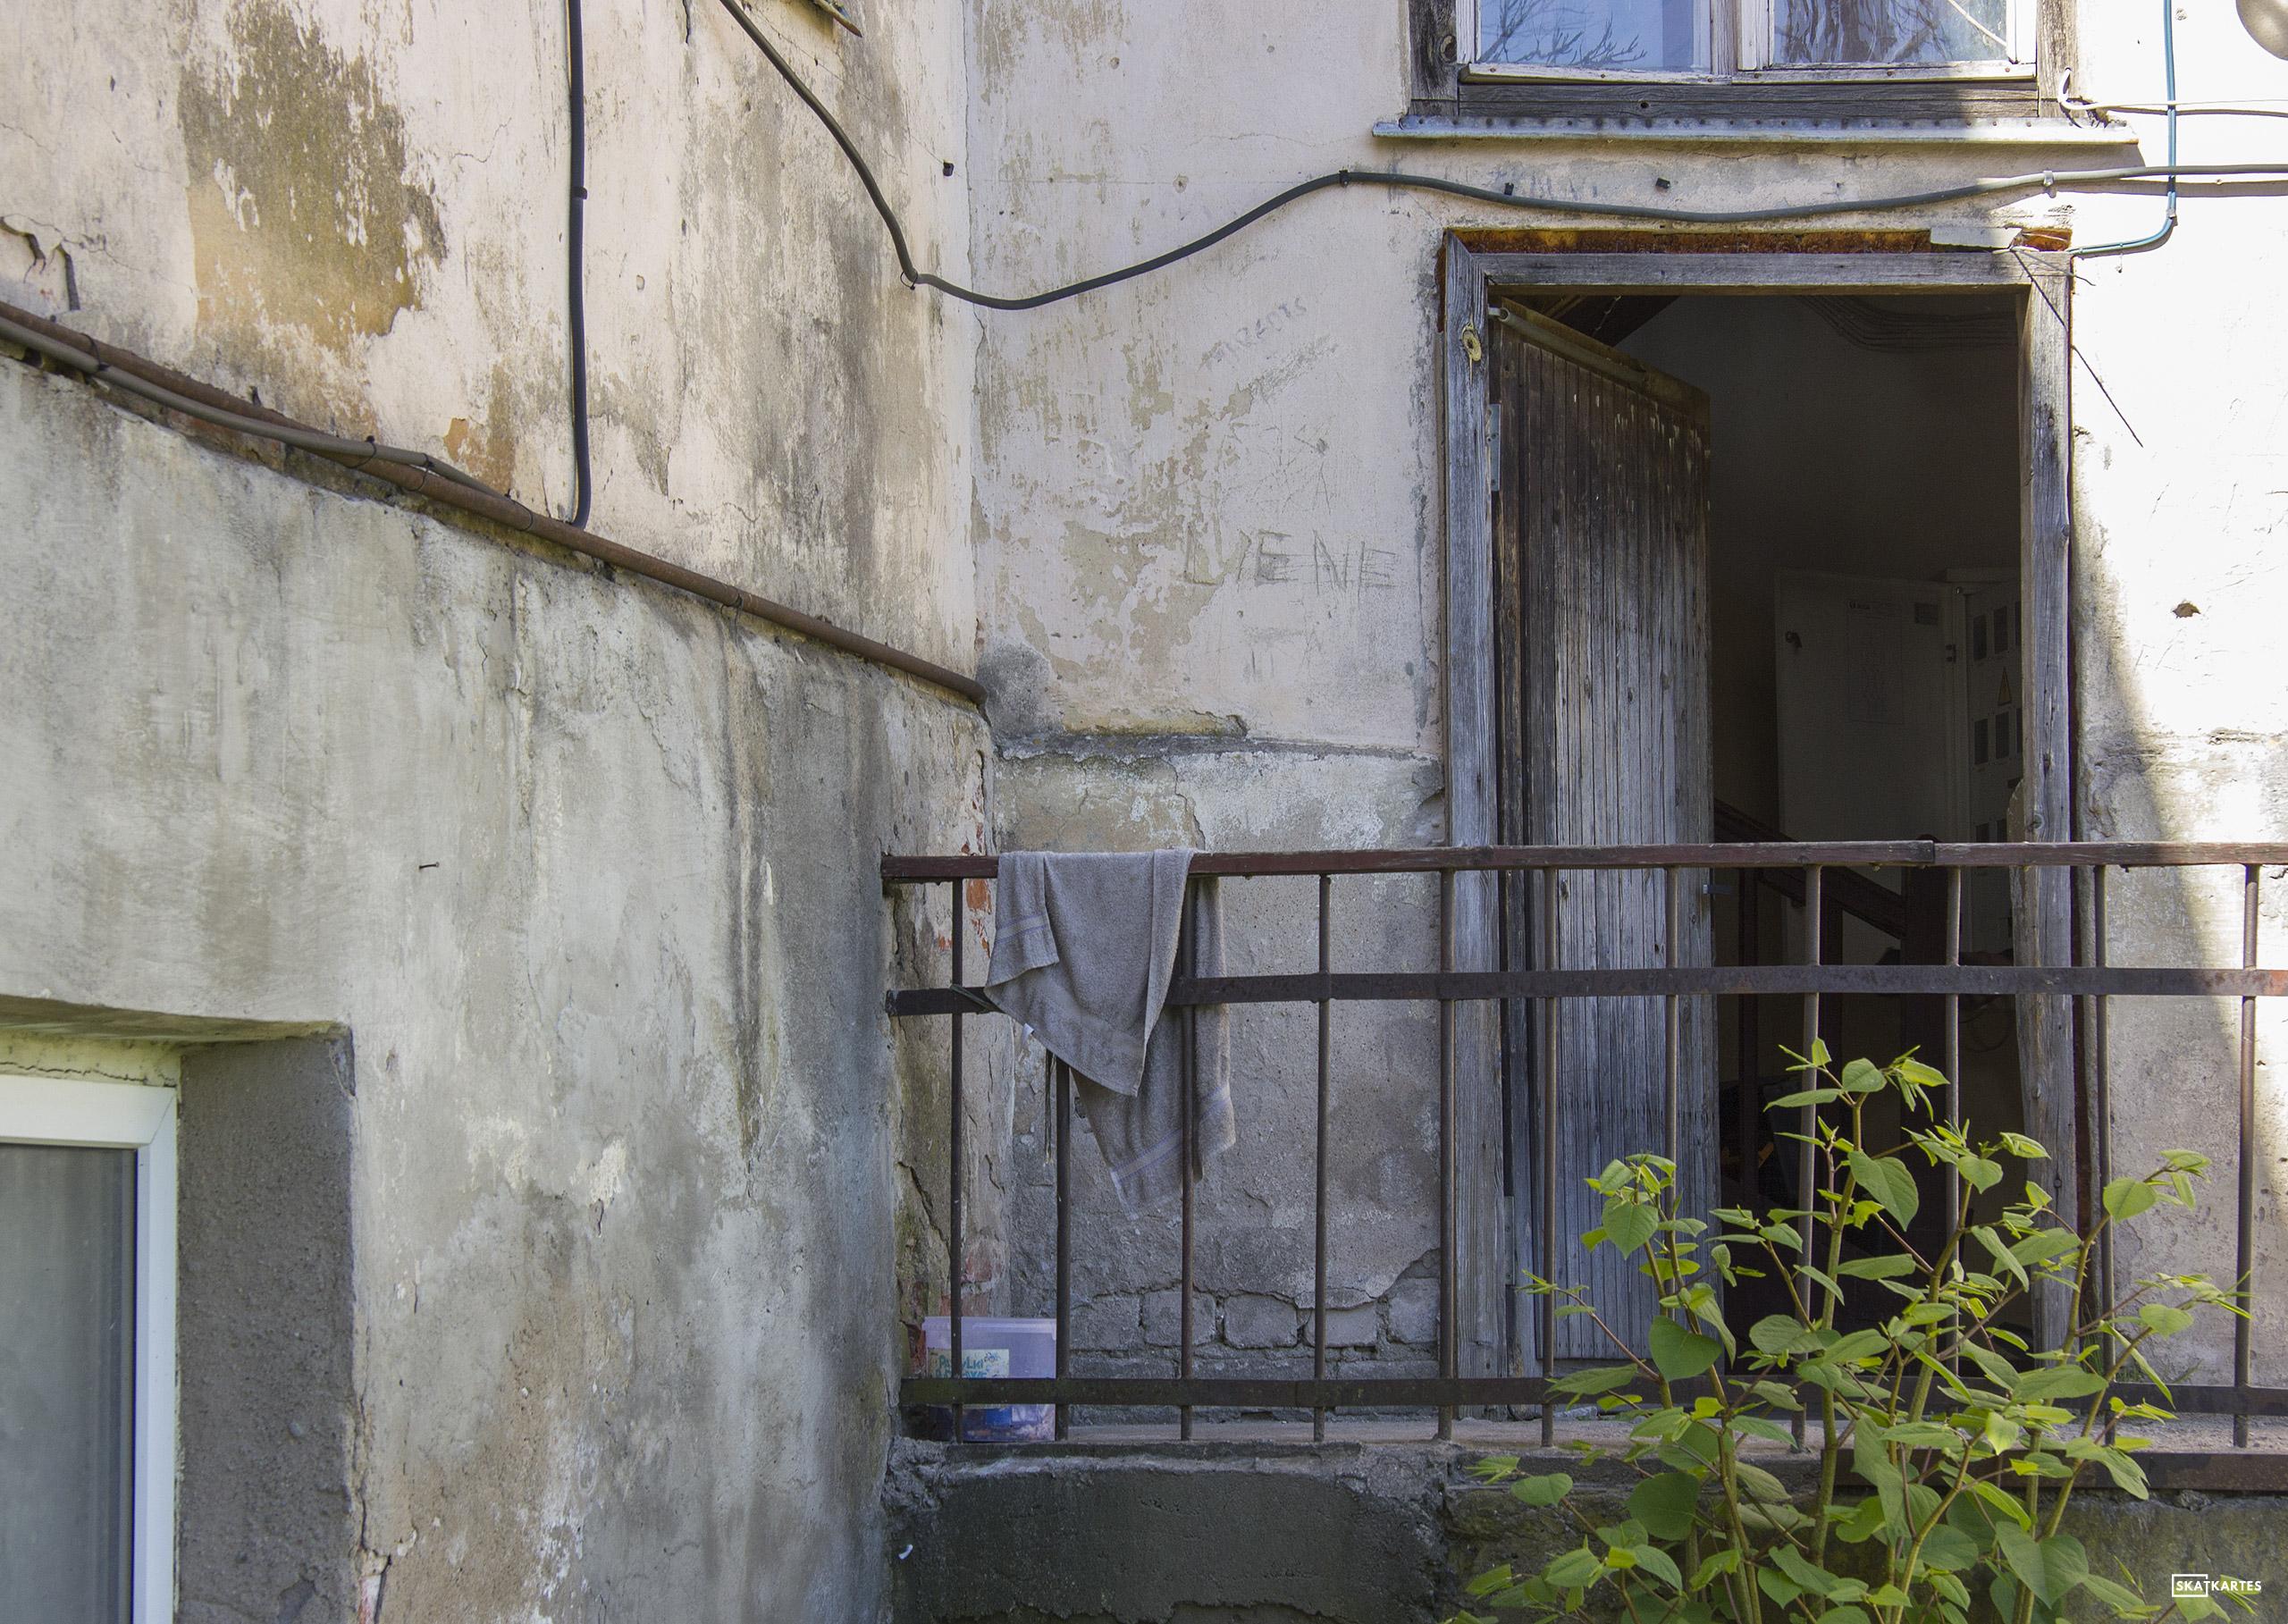 Skatkarte Nr. 1106 - Kārļa Mīlenbaha iela 3 (2015. gada pavasaris).